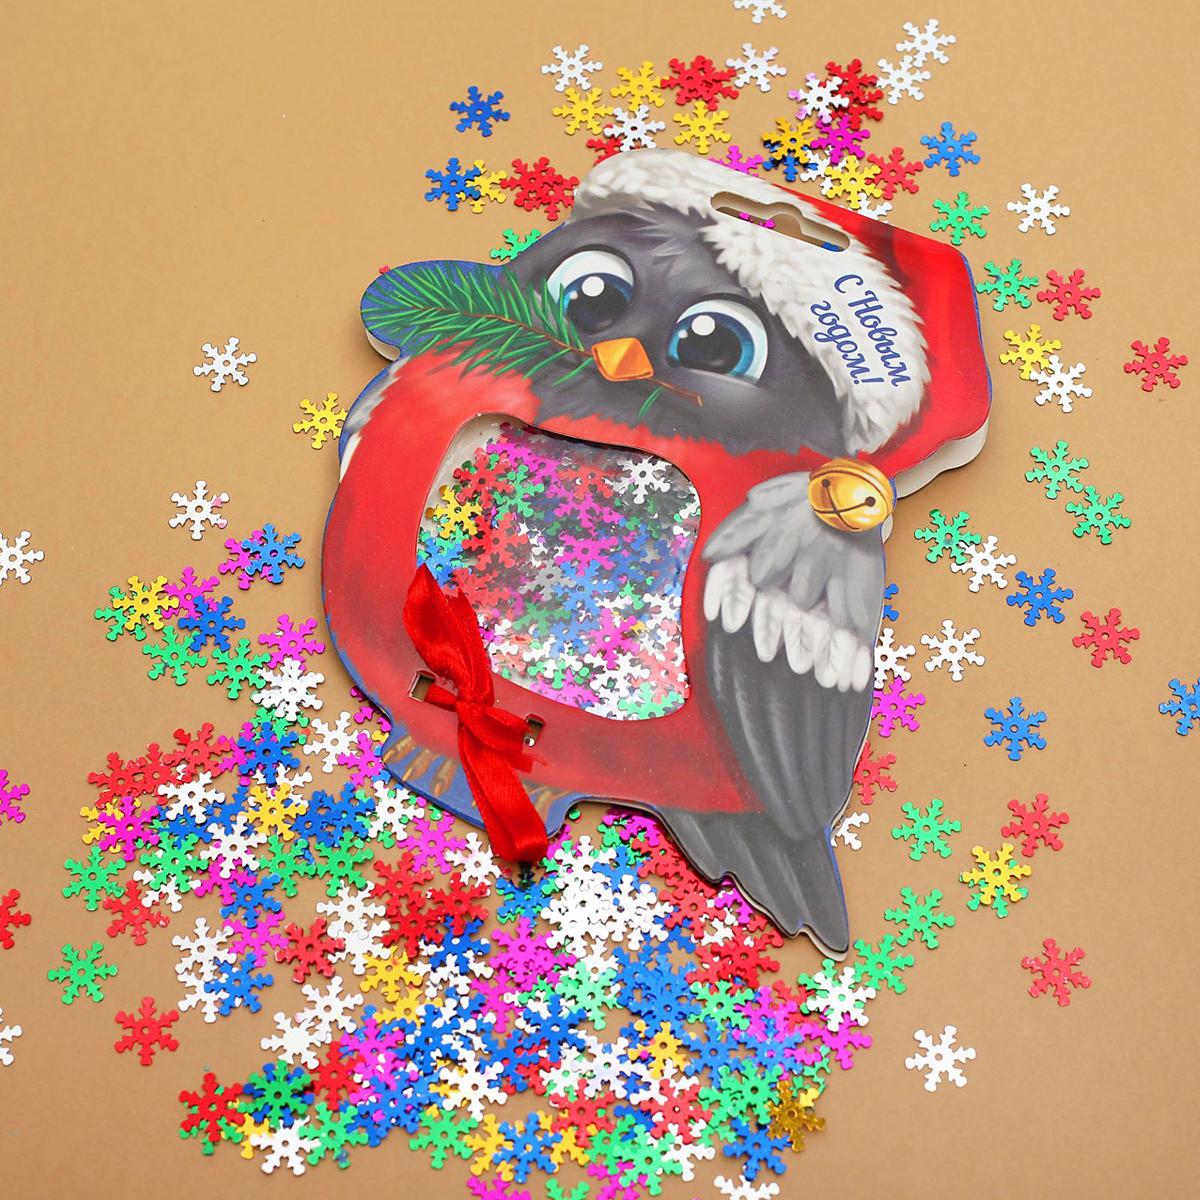 Конфетти Страна Карнавалия С Новым годом! Снегирь1376110Яркое конфетти Страна Карнавалия создаст неповторимую атмосферу праздника! Красочные фигурки станут эффектной точкой вашего выступления или поздравления. Наберите их в ладони и в ключевой момент подбросьте вверх. Они окутают всех вокруг разноцветным облачком. С этим атрибутом легко произвести фурор на любой вечеринке или привнести нотку праздника в обычные дни.